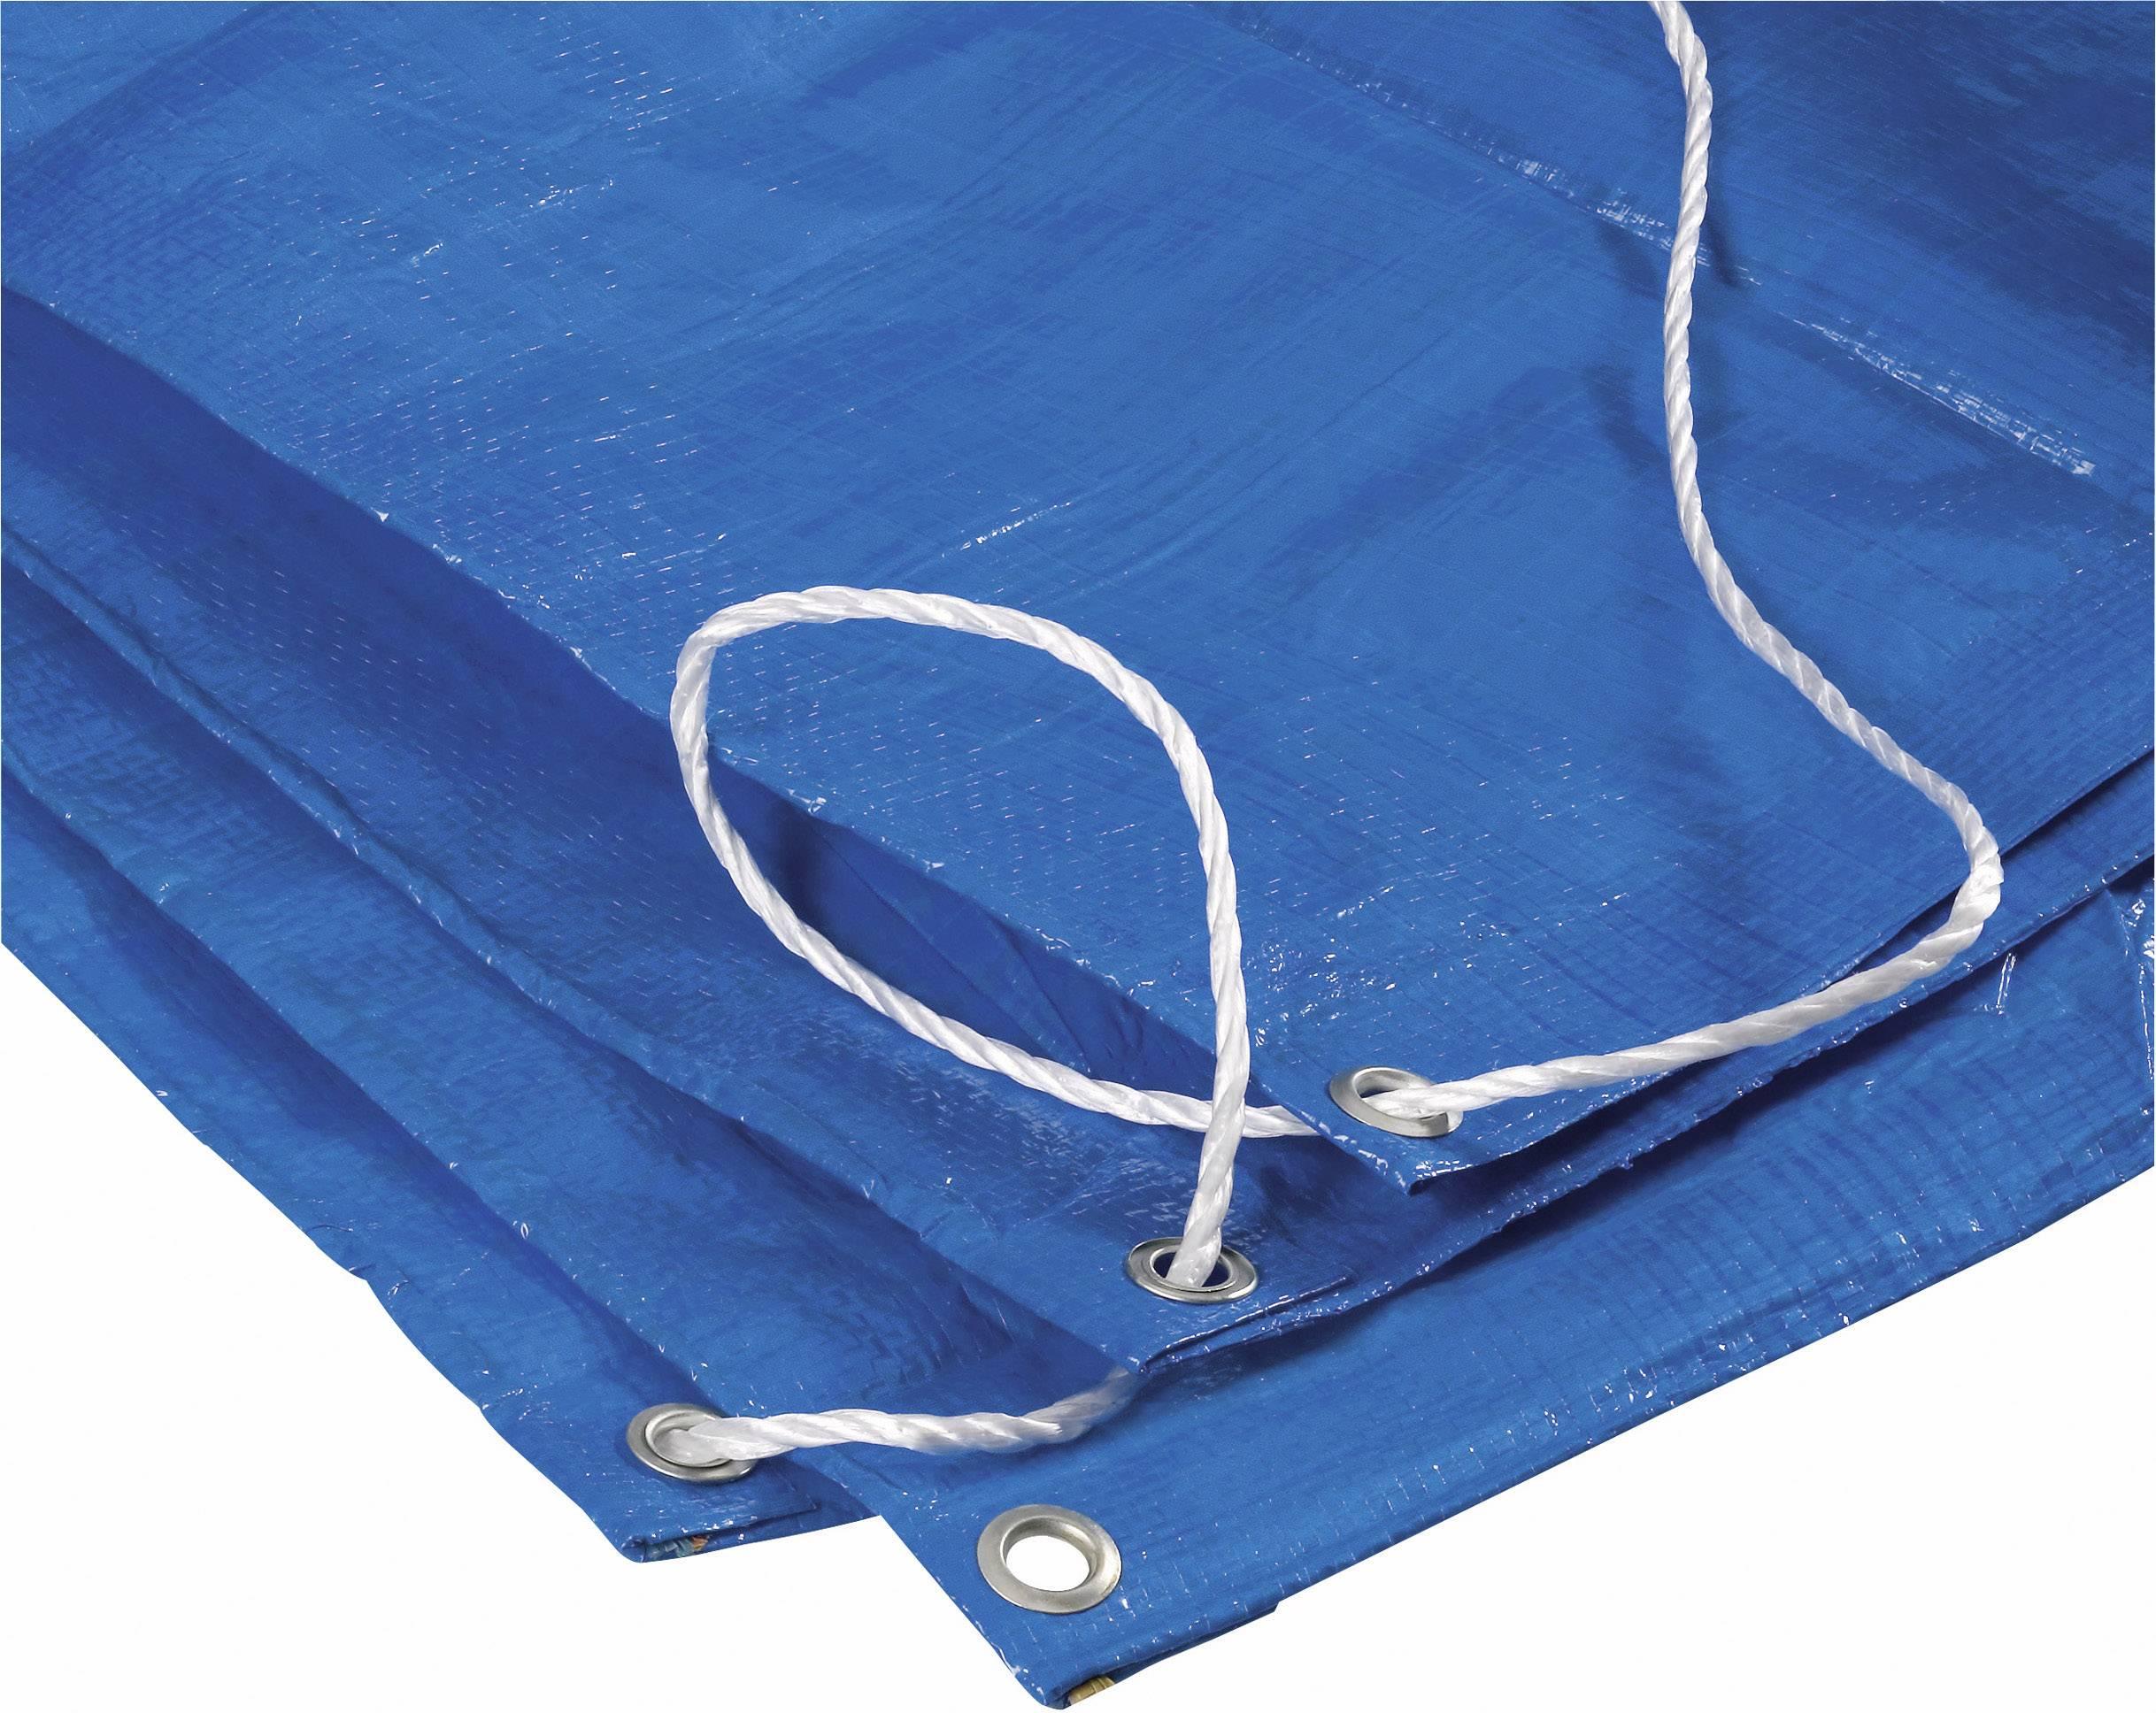 Plachta pro zavazadla, 2 x 2 m